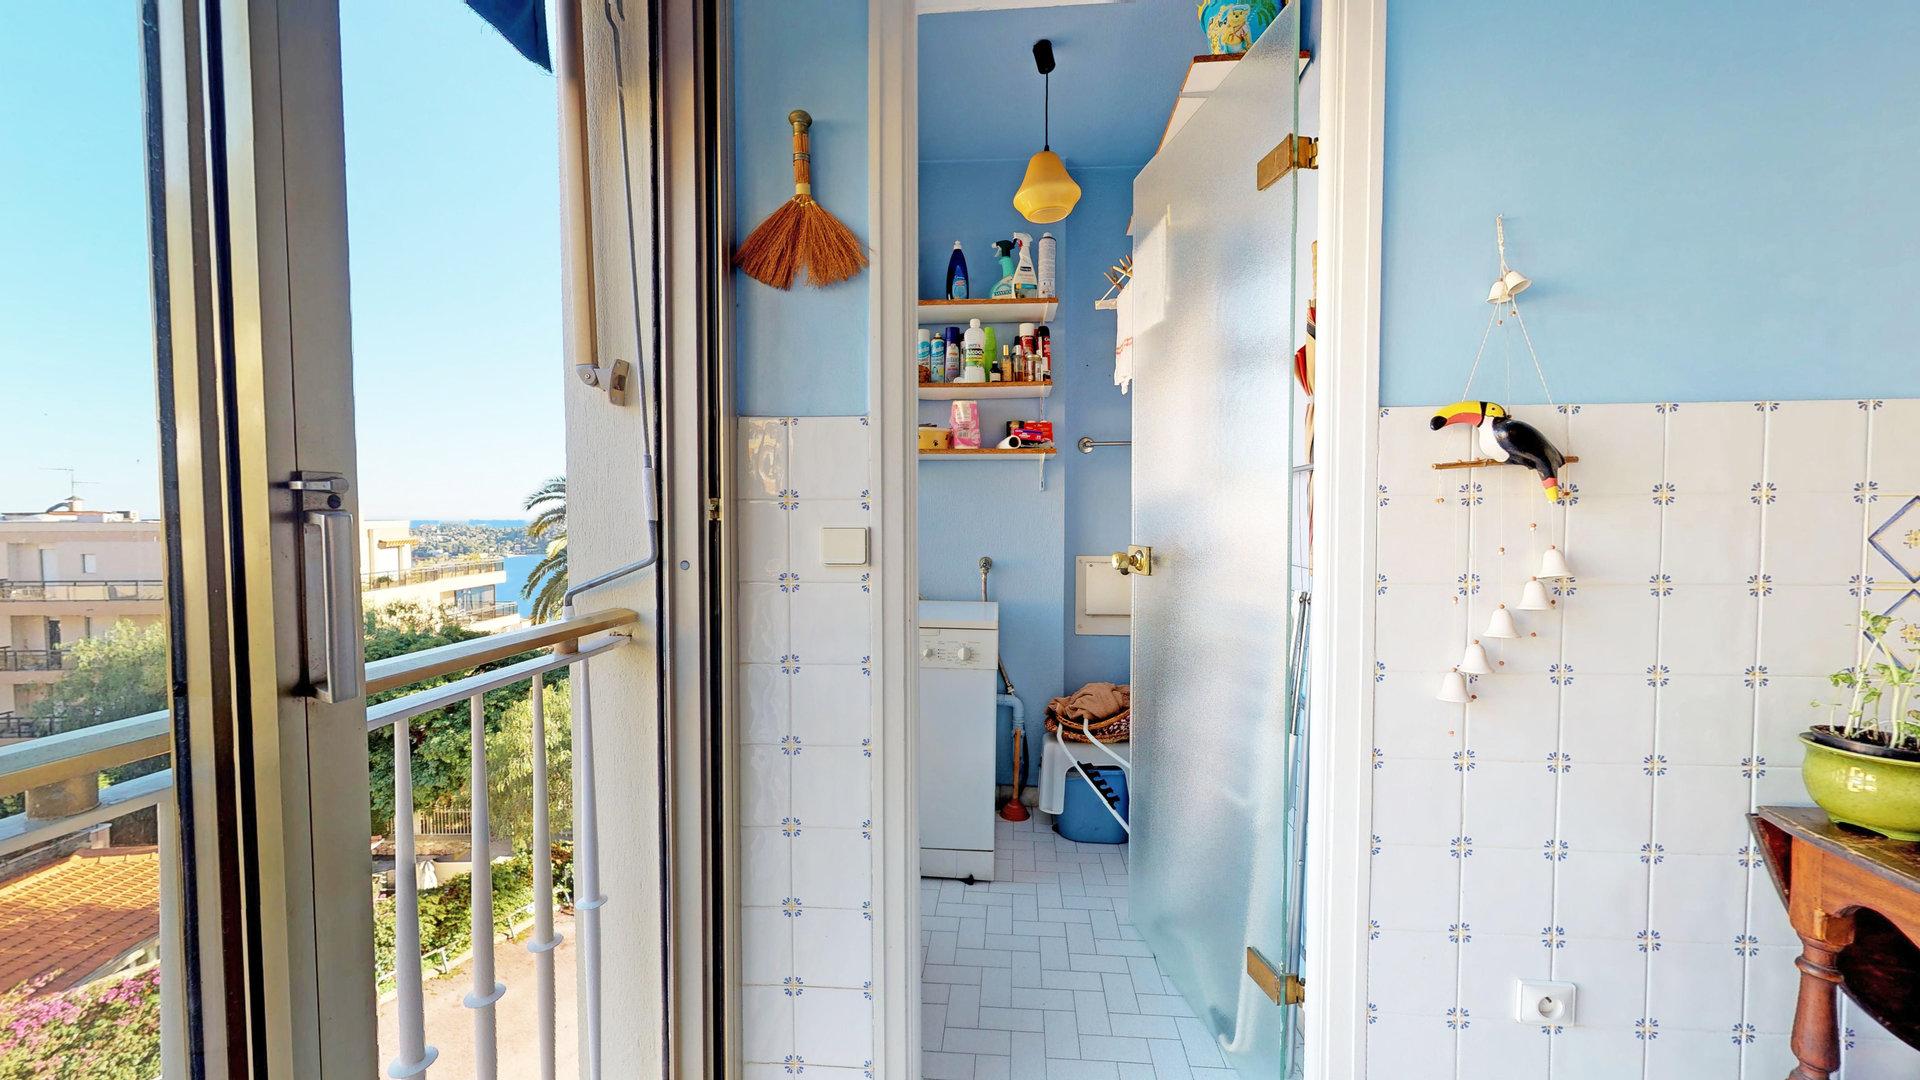 A Vendre, 3 pièces 89m², Villefranche Sur Mer